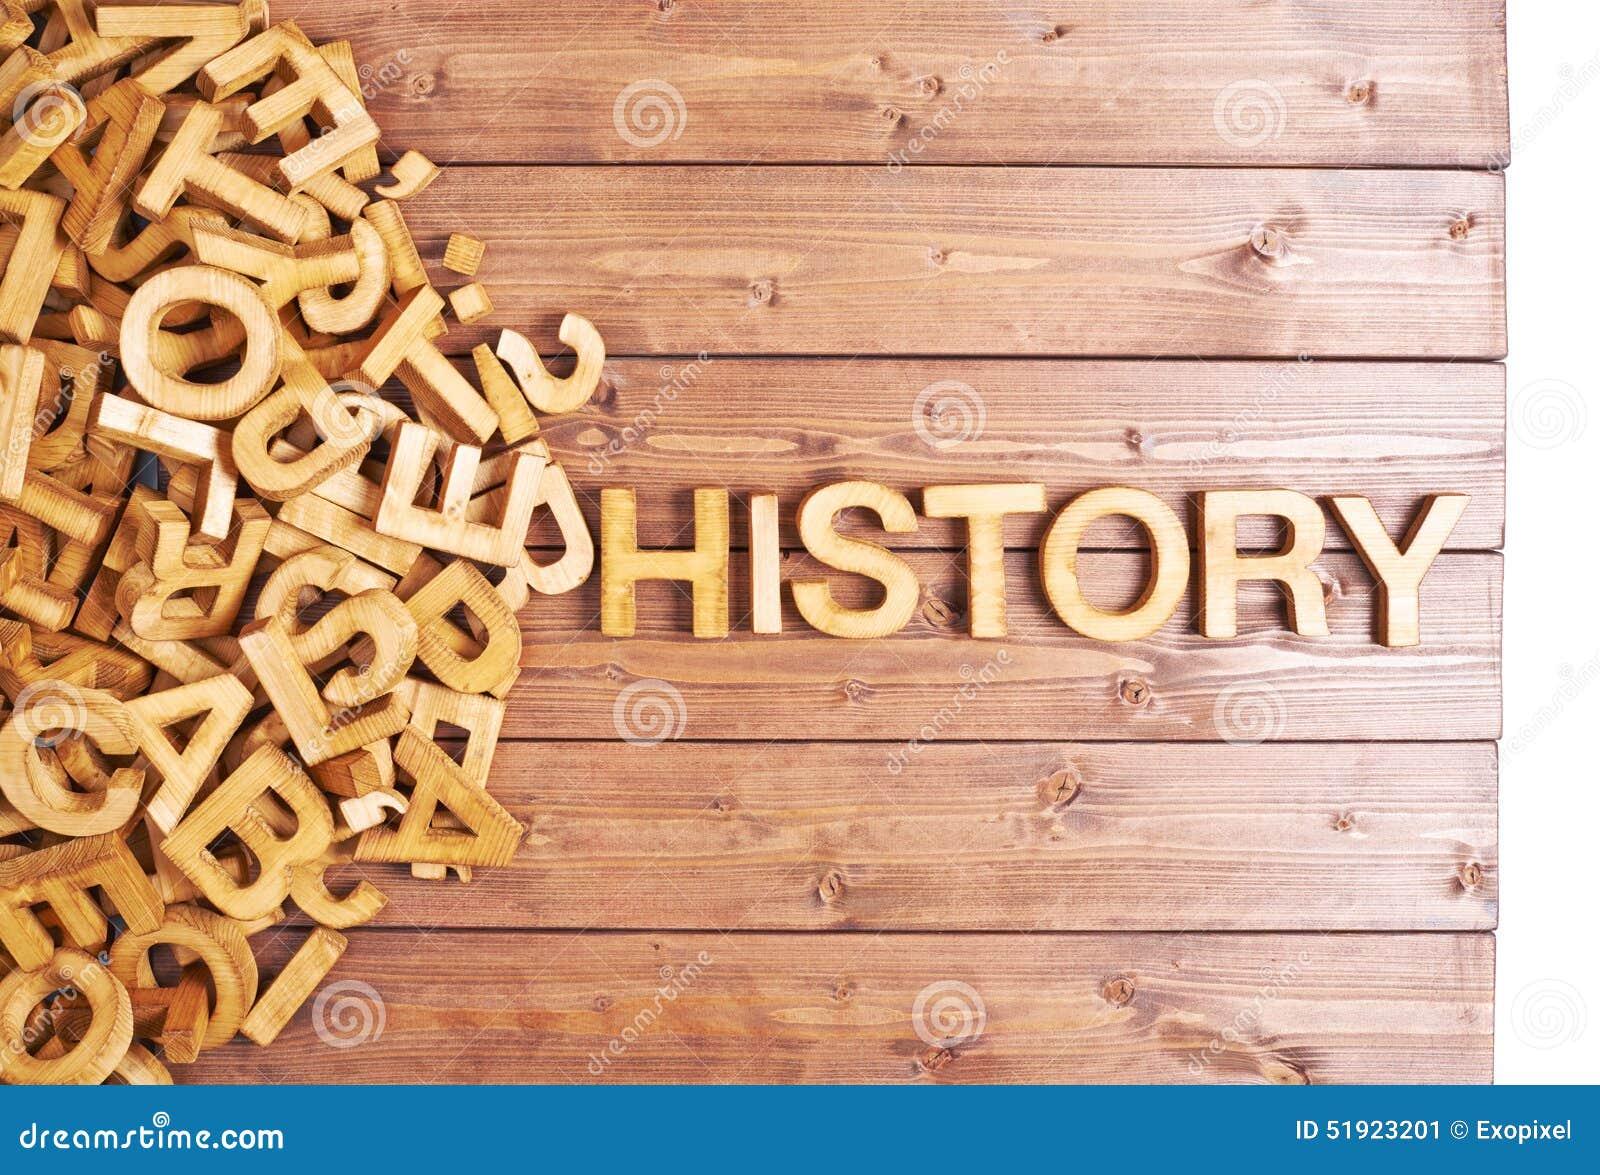 Origem Artesanato Brasil ~ História Da Palavra Feita Com Letras De Madeira Foto de Stock Imagem 51923201